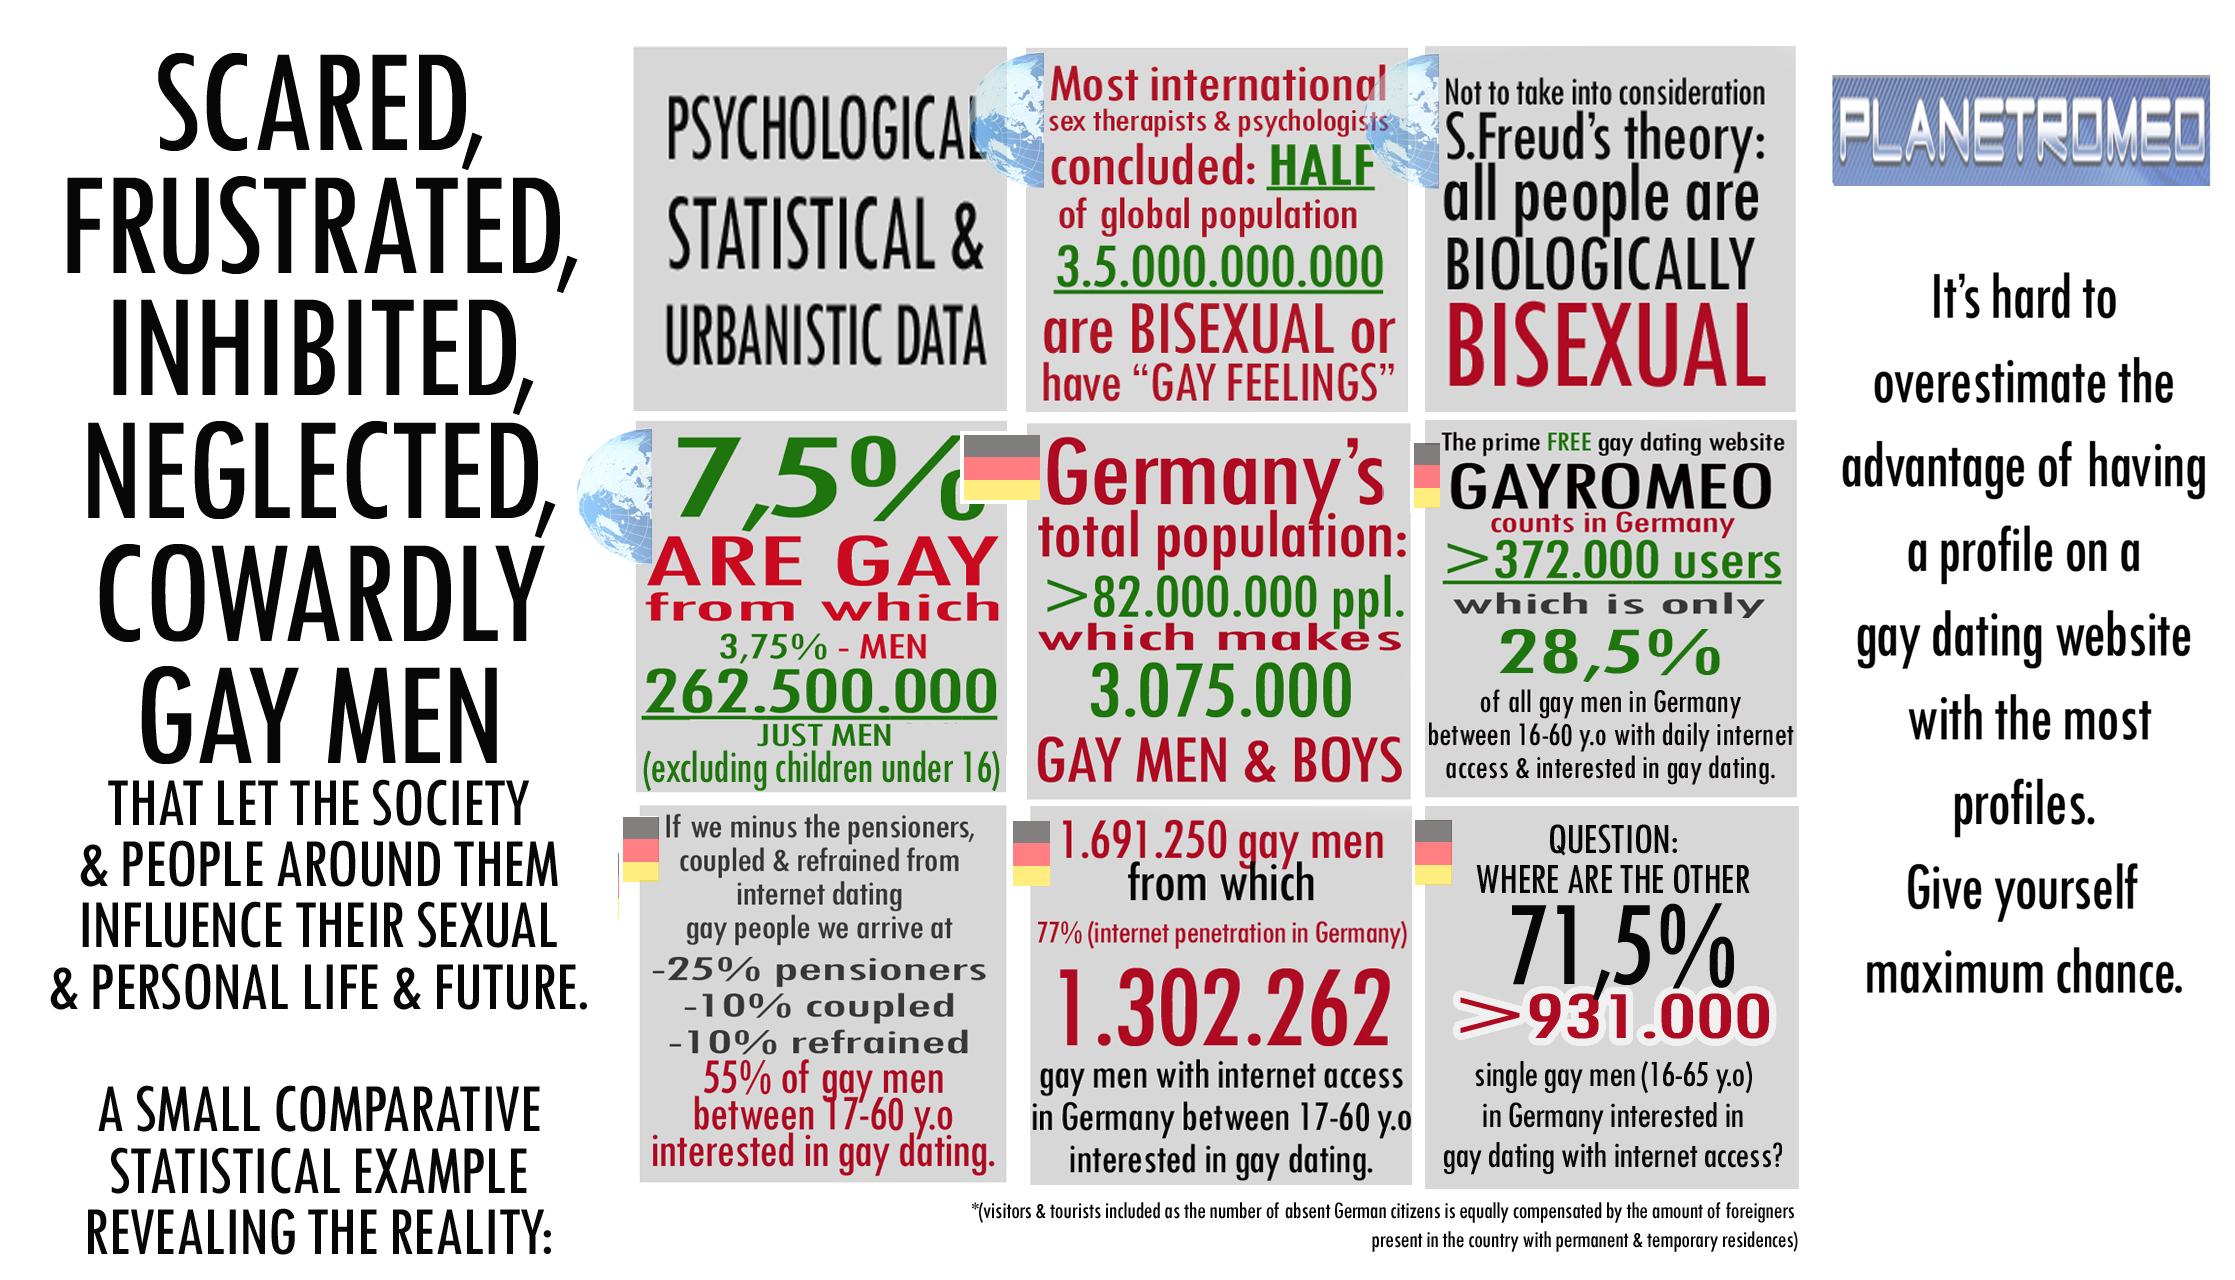 Percentage of Gay & Bisexual